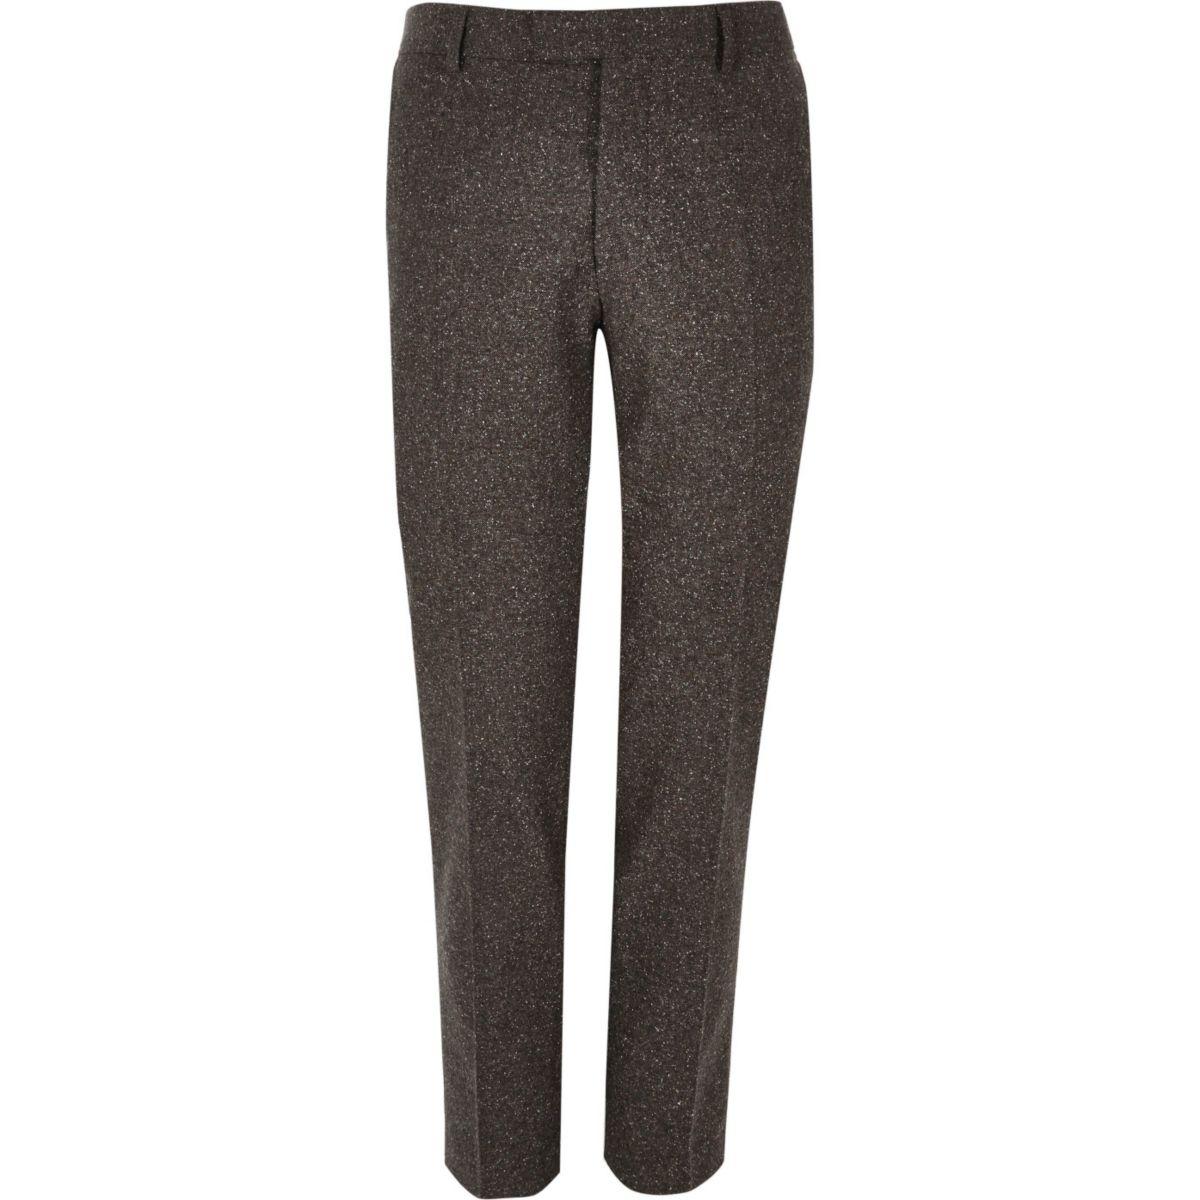 Brown wool skinny suit trousers